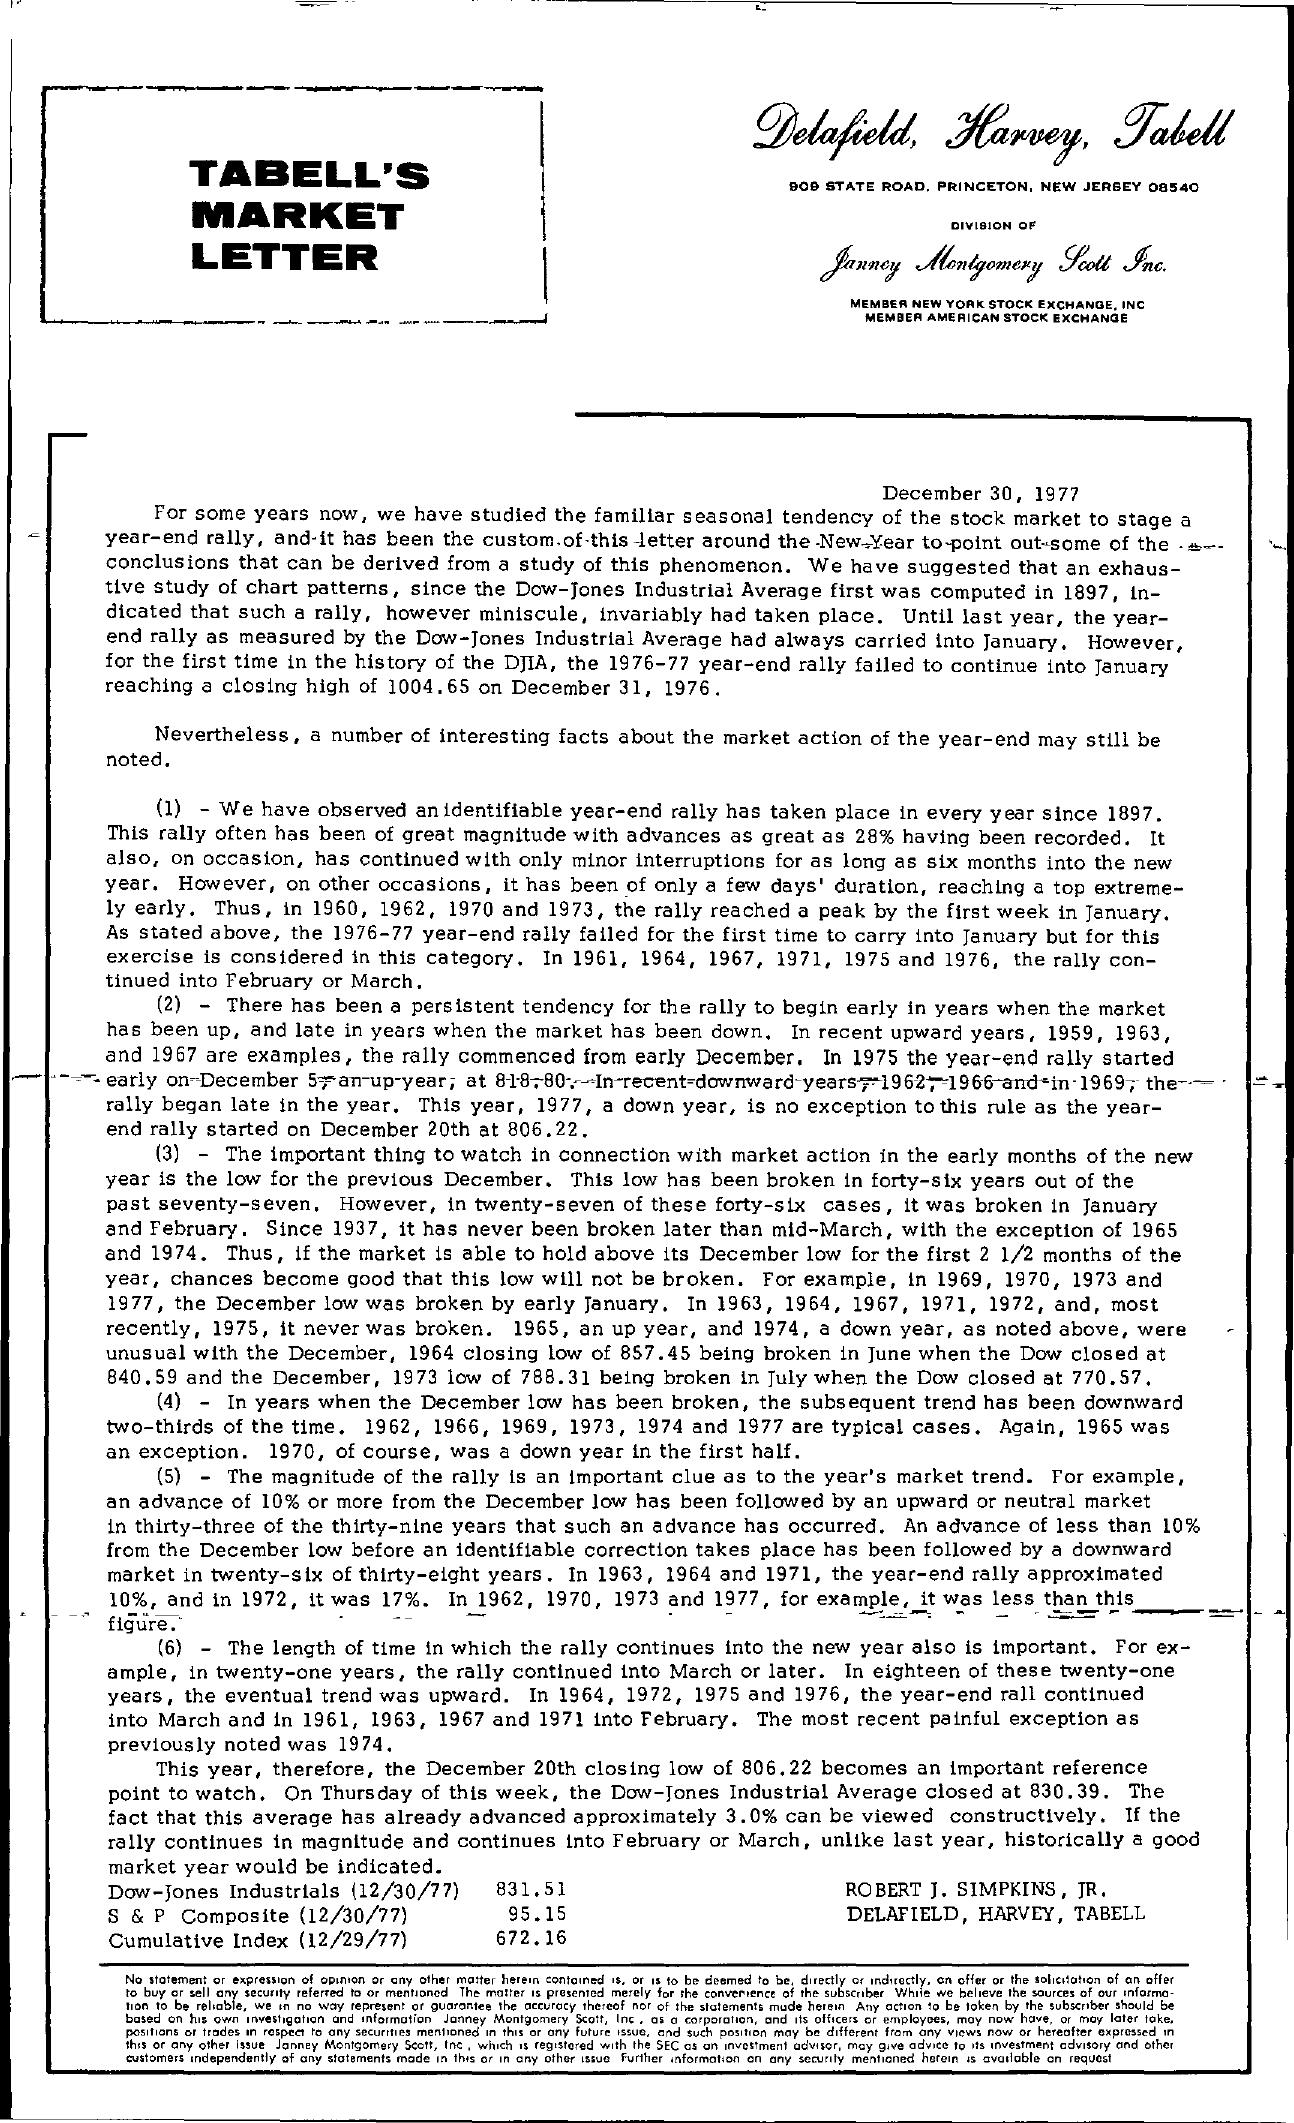 Tabell's Market Letter - December 30, 1977